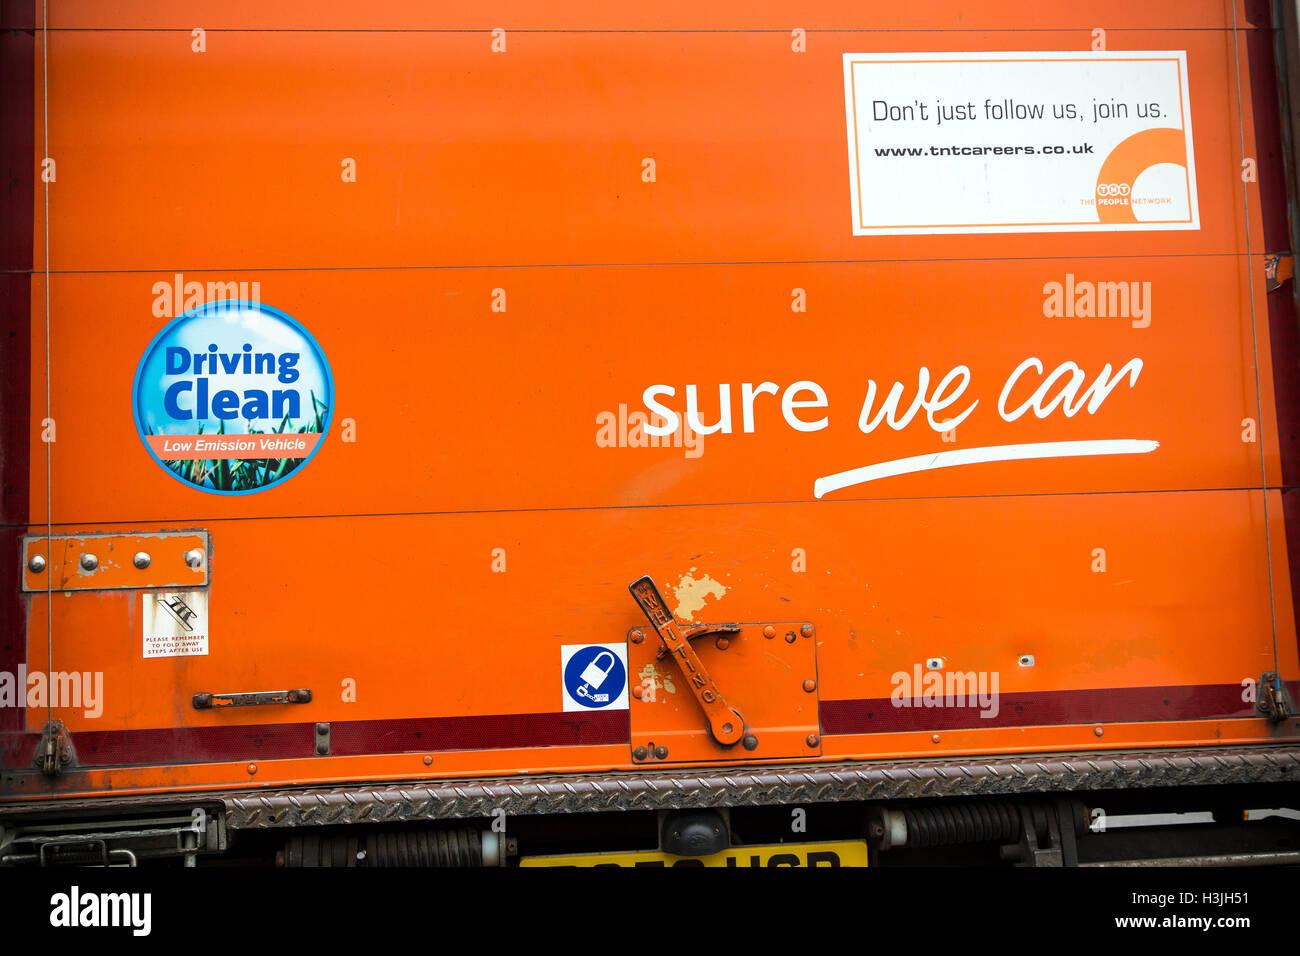 Van tnt avec slogan que nous pouvons,marché, livraison, corporation, Isuzu, d'affaires, large, de l'expédition, Photo Stock